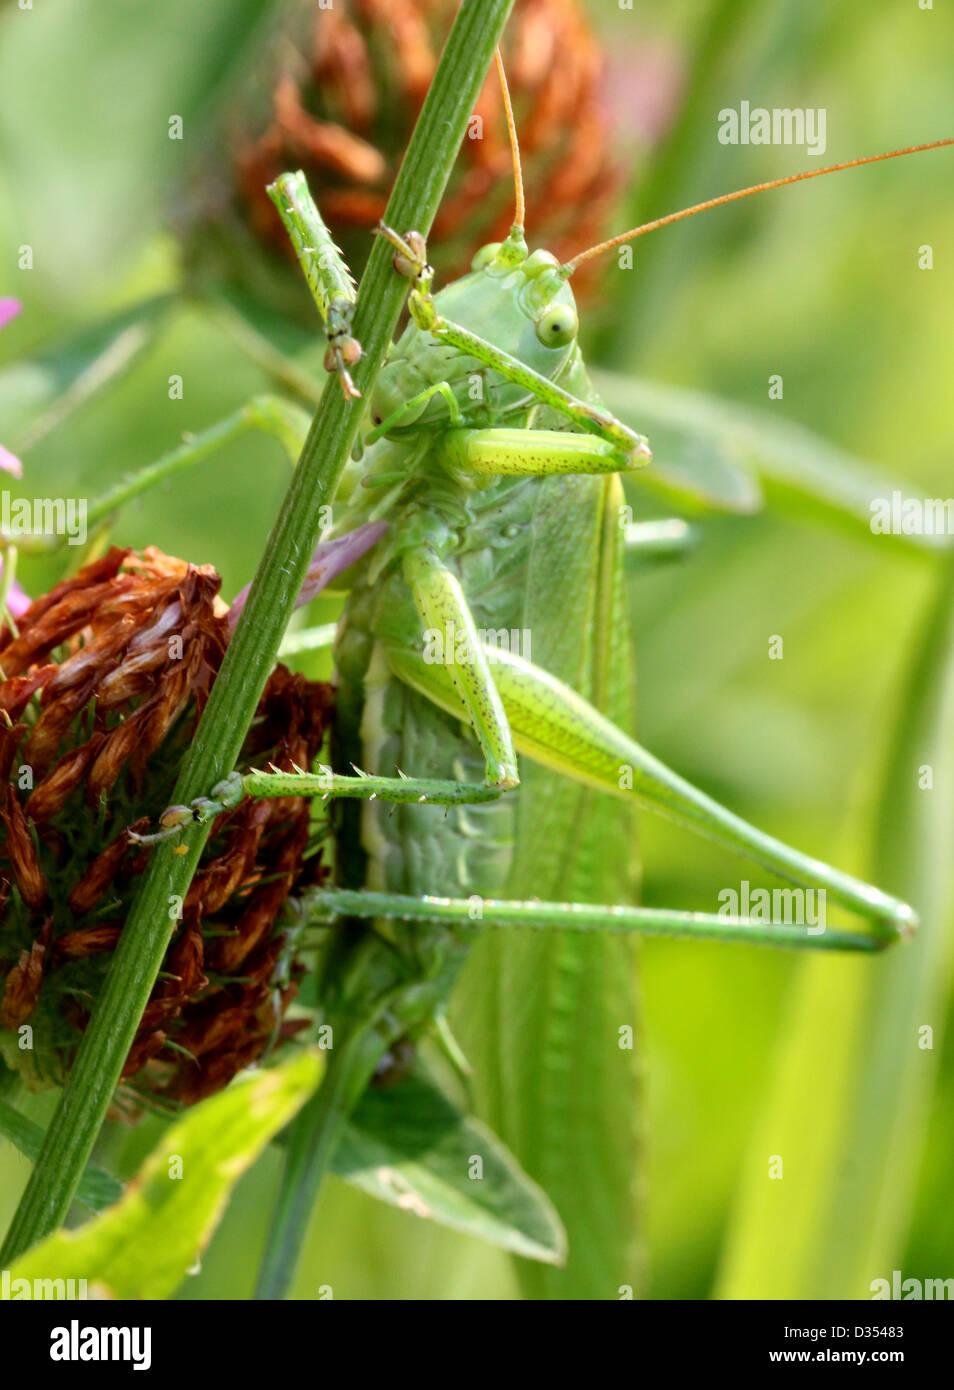 Detaillierte Makro eine große Green Bush Cricket (Tettigonia Viridissima) vor der Kamera Stockbild